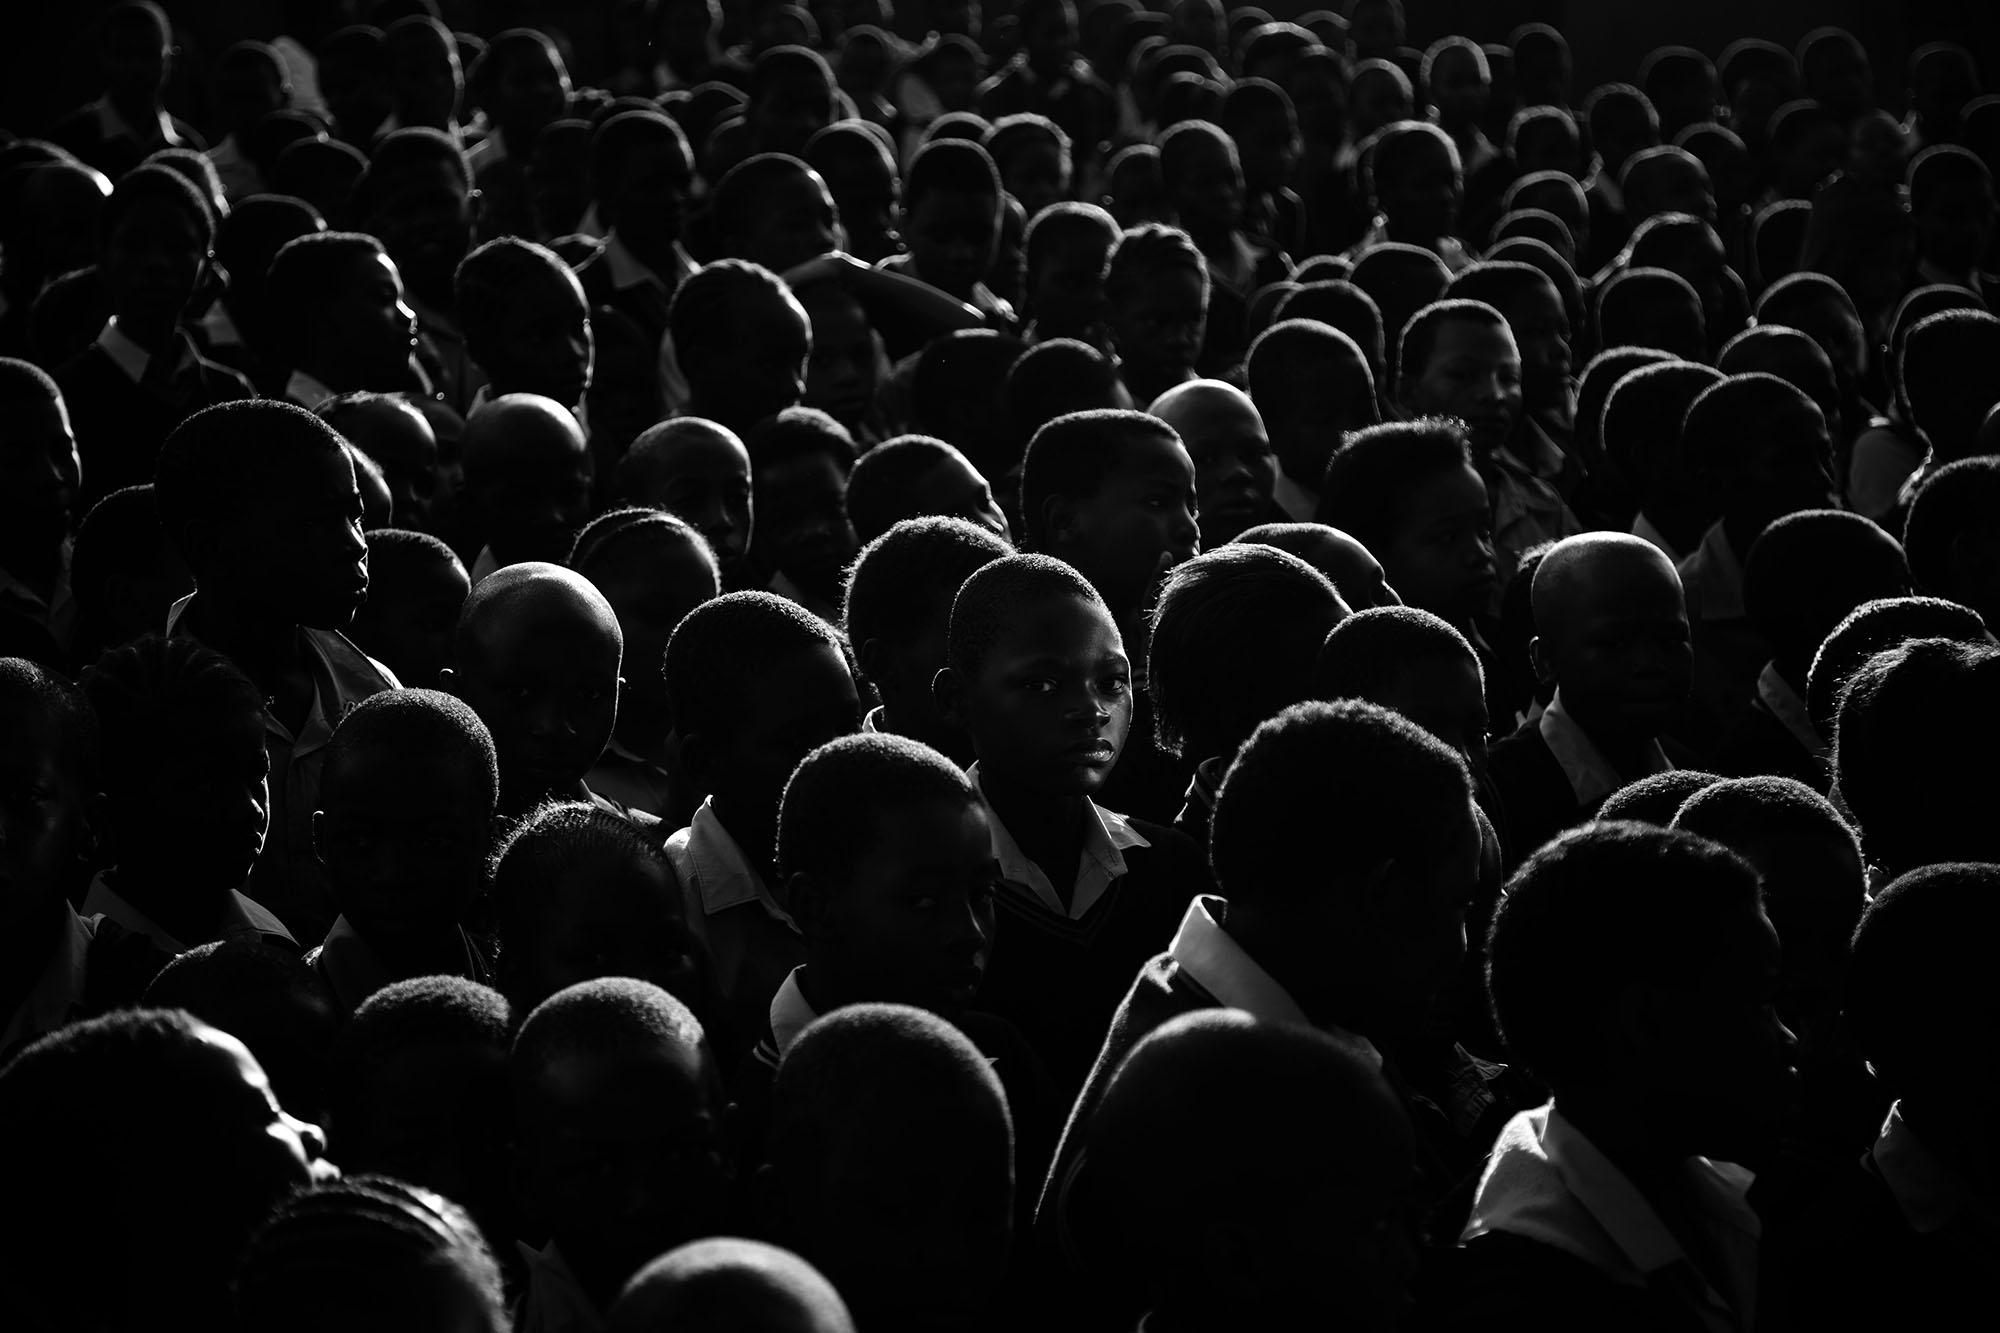 スペシャル・トーク第2回<br>『渋谷敦志×真山仁 「伝える」とは何か』<br>2019年6月1日@富士フイルムフォトサロン